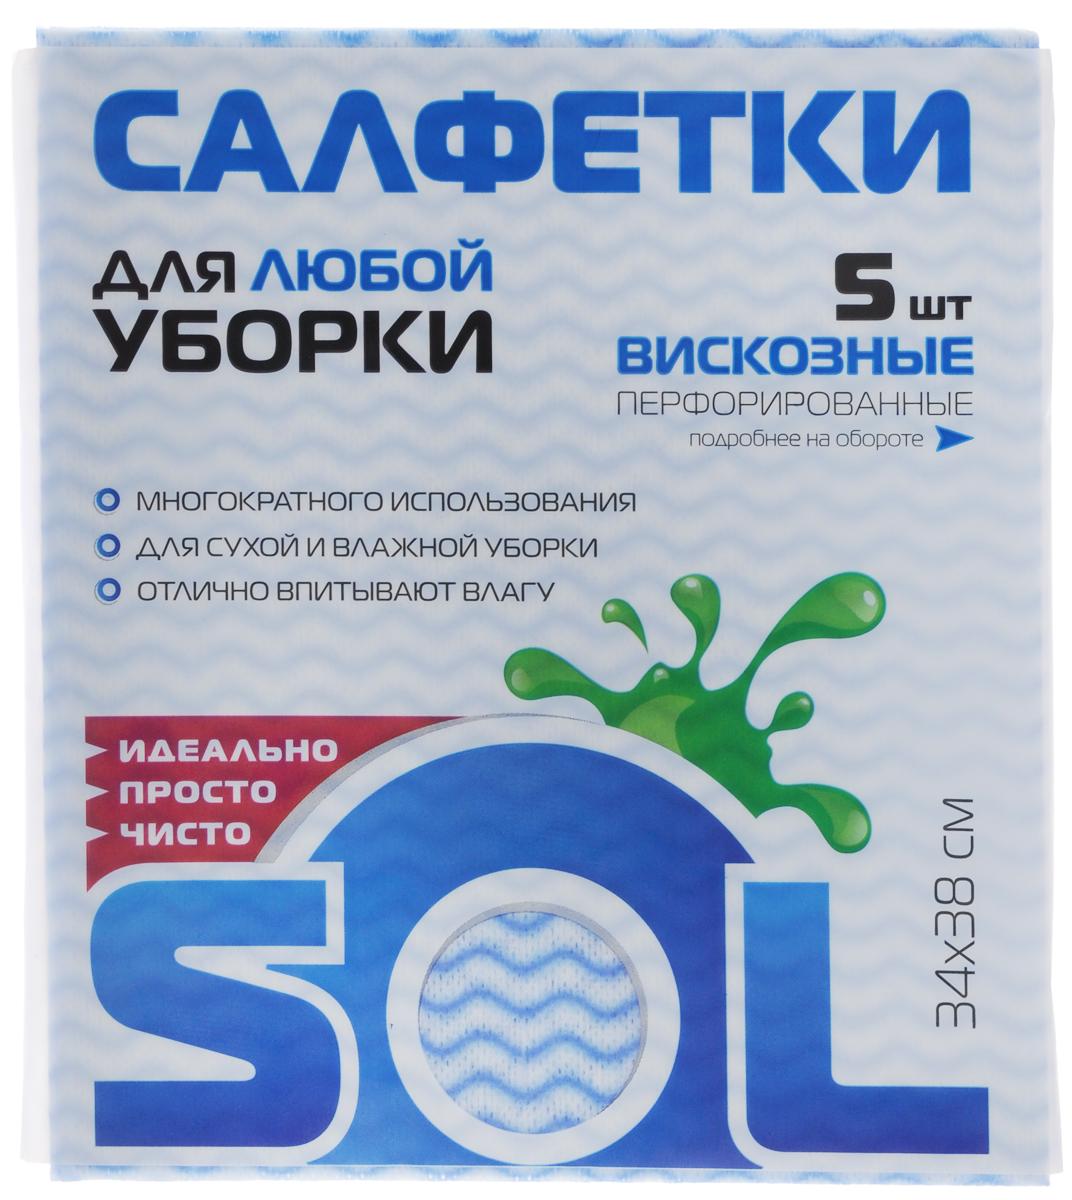 Салфетка для уборки Sol из вискозы, перфорированная, цвет: белый, голубой, 34 x 38 см, 5 шт10005/10053_голубойПерфорированные салфетки для уборки Sol, выполненные из вискозы, предназначены для уборки и могут применяться с различными моющими средствами. Эффективно впитывают жидкость. Мягкие и прочные, легко отжимаются и быстро сохнут.Рекомендации по уходу: Для обеспечения гигиеничности уборки после применения прополоскать в теплой воде.Для продления срока службы не применять машинную стирку, не гладить и не кипятить.